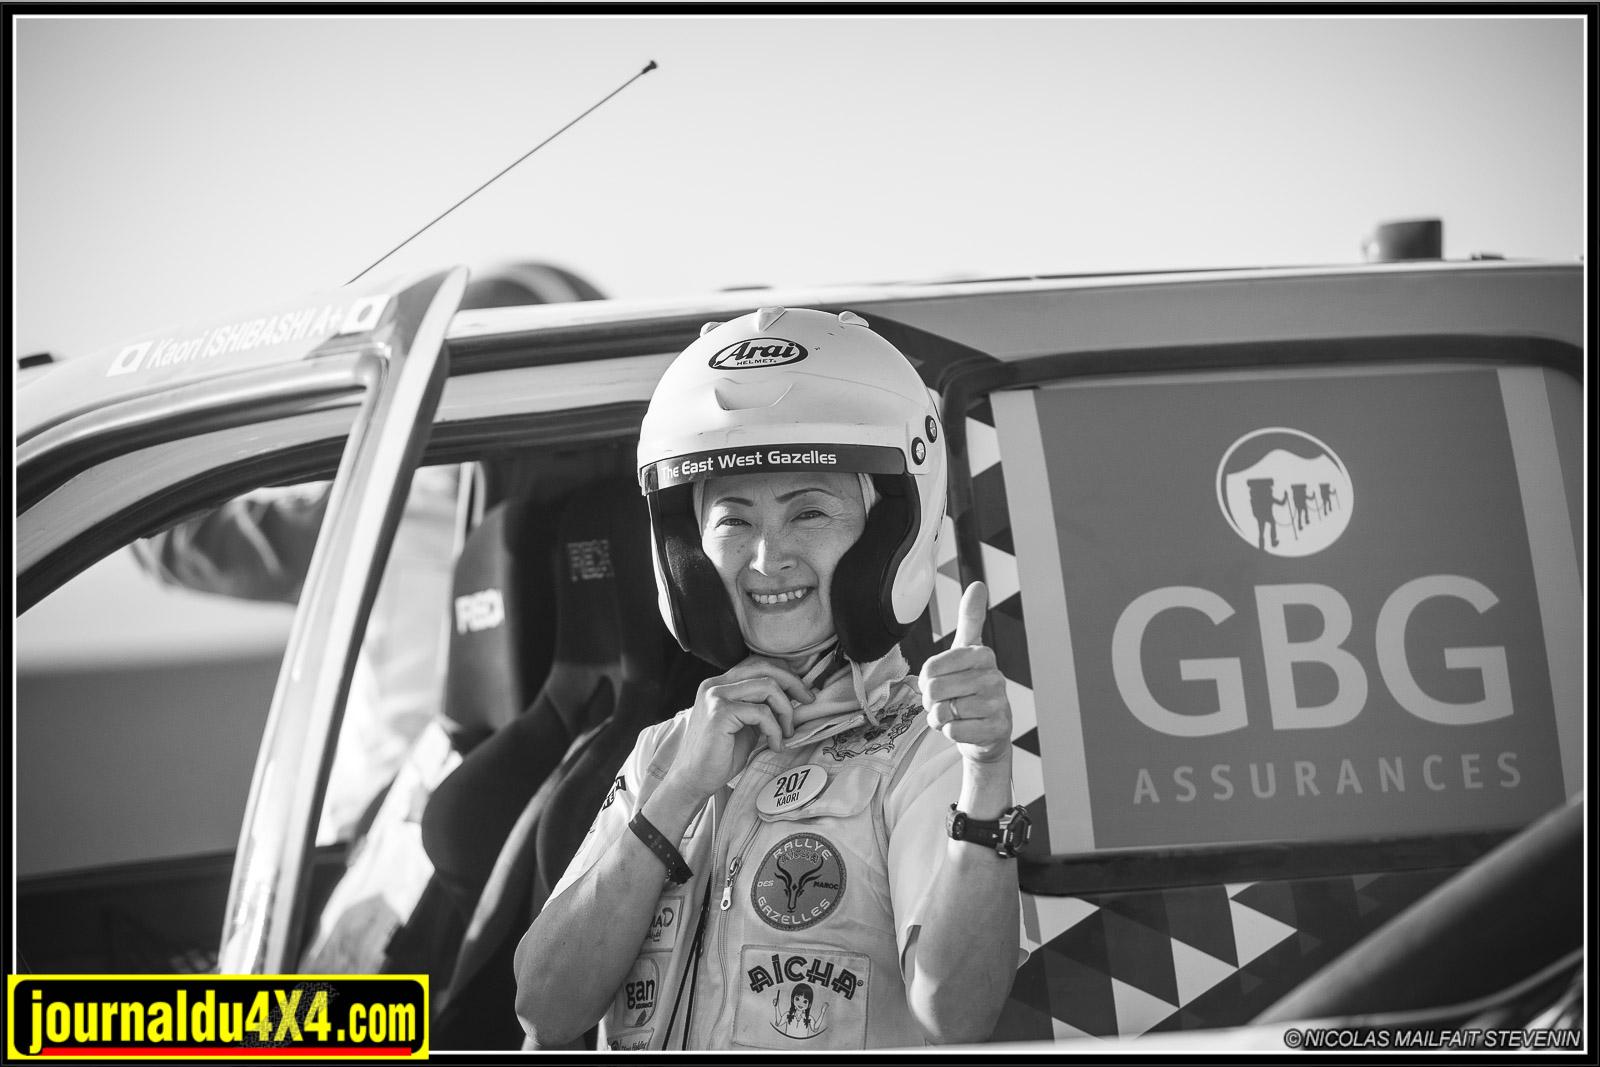 rallye-aicha-gazelles-maroc-2017-7519.jpg